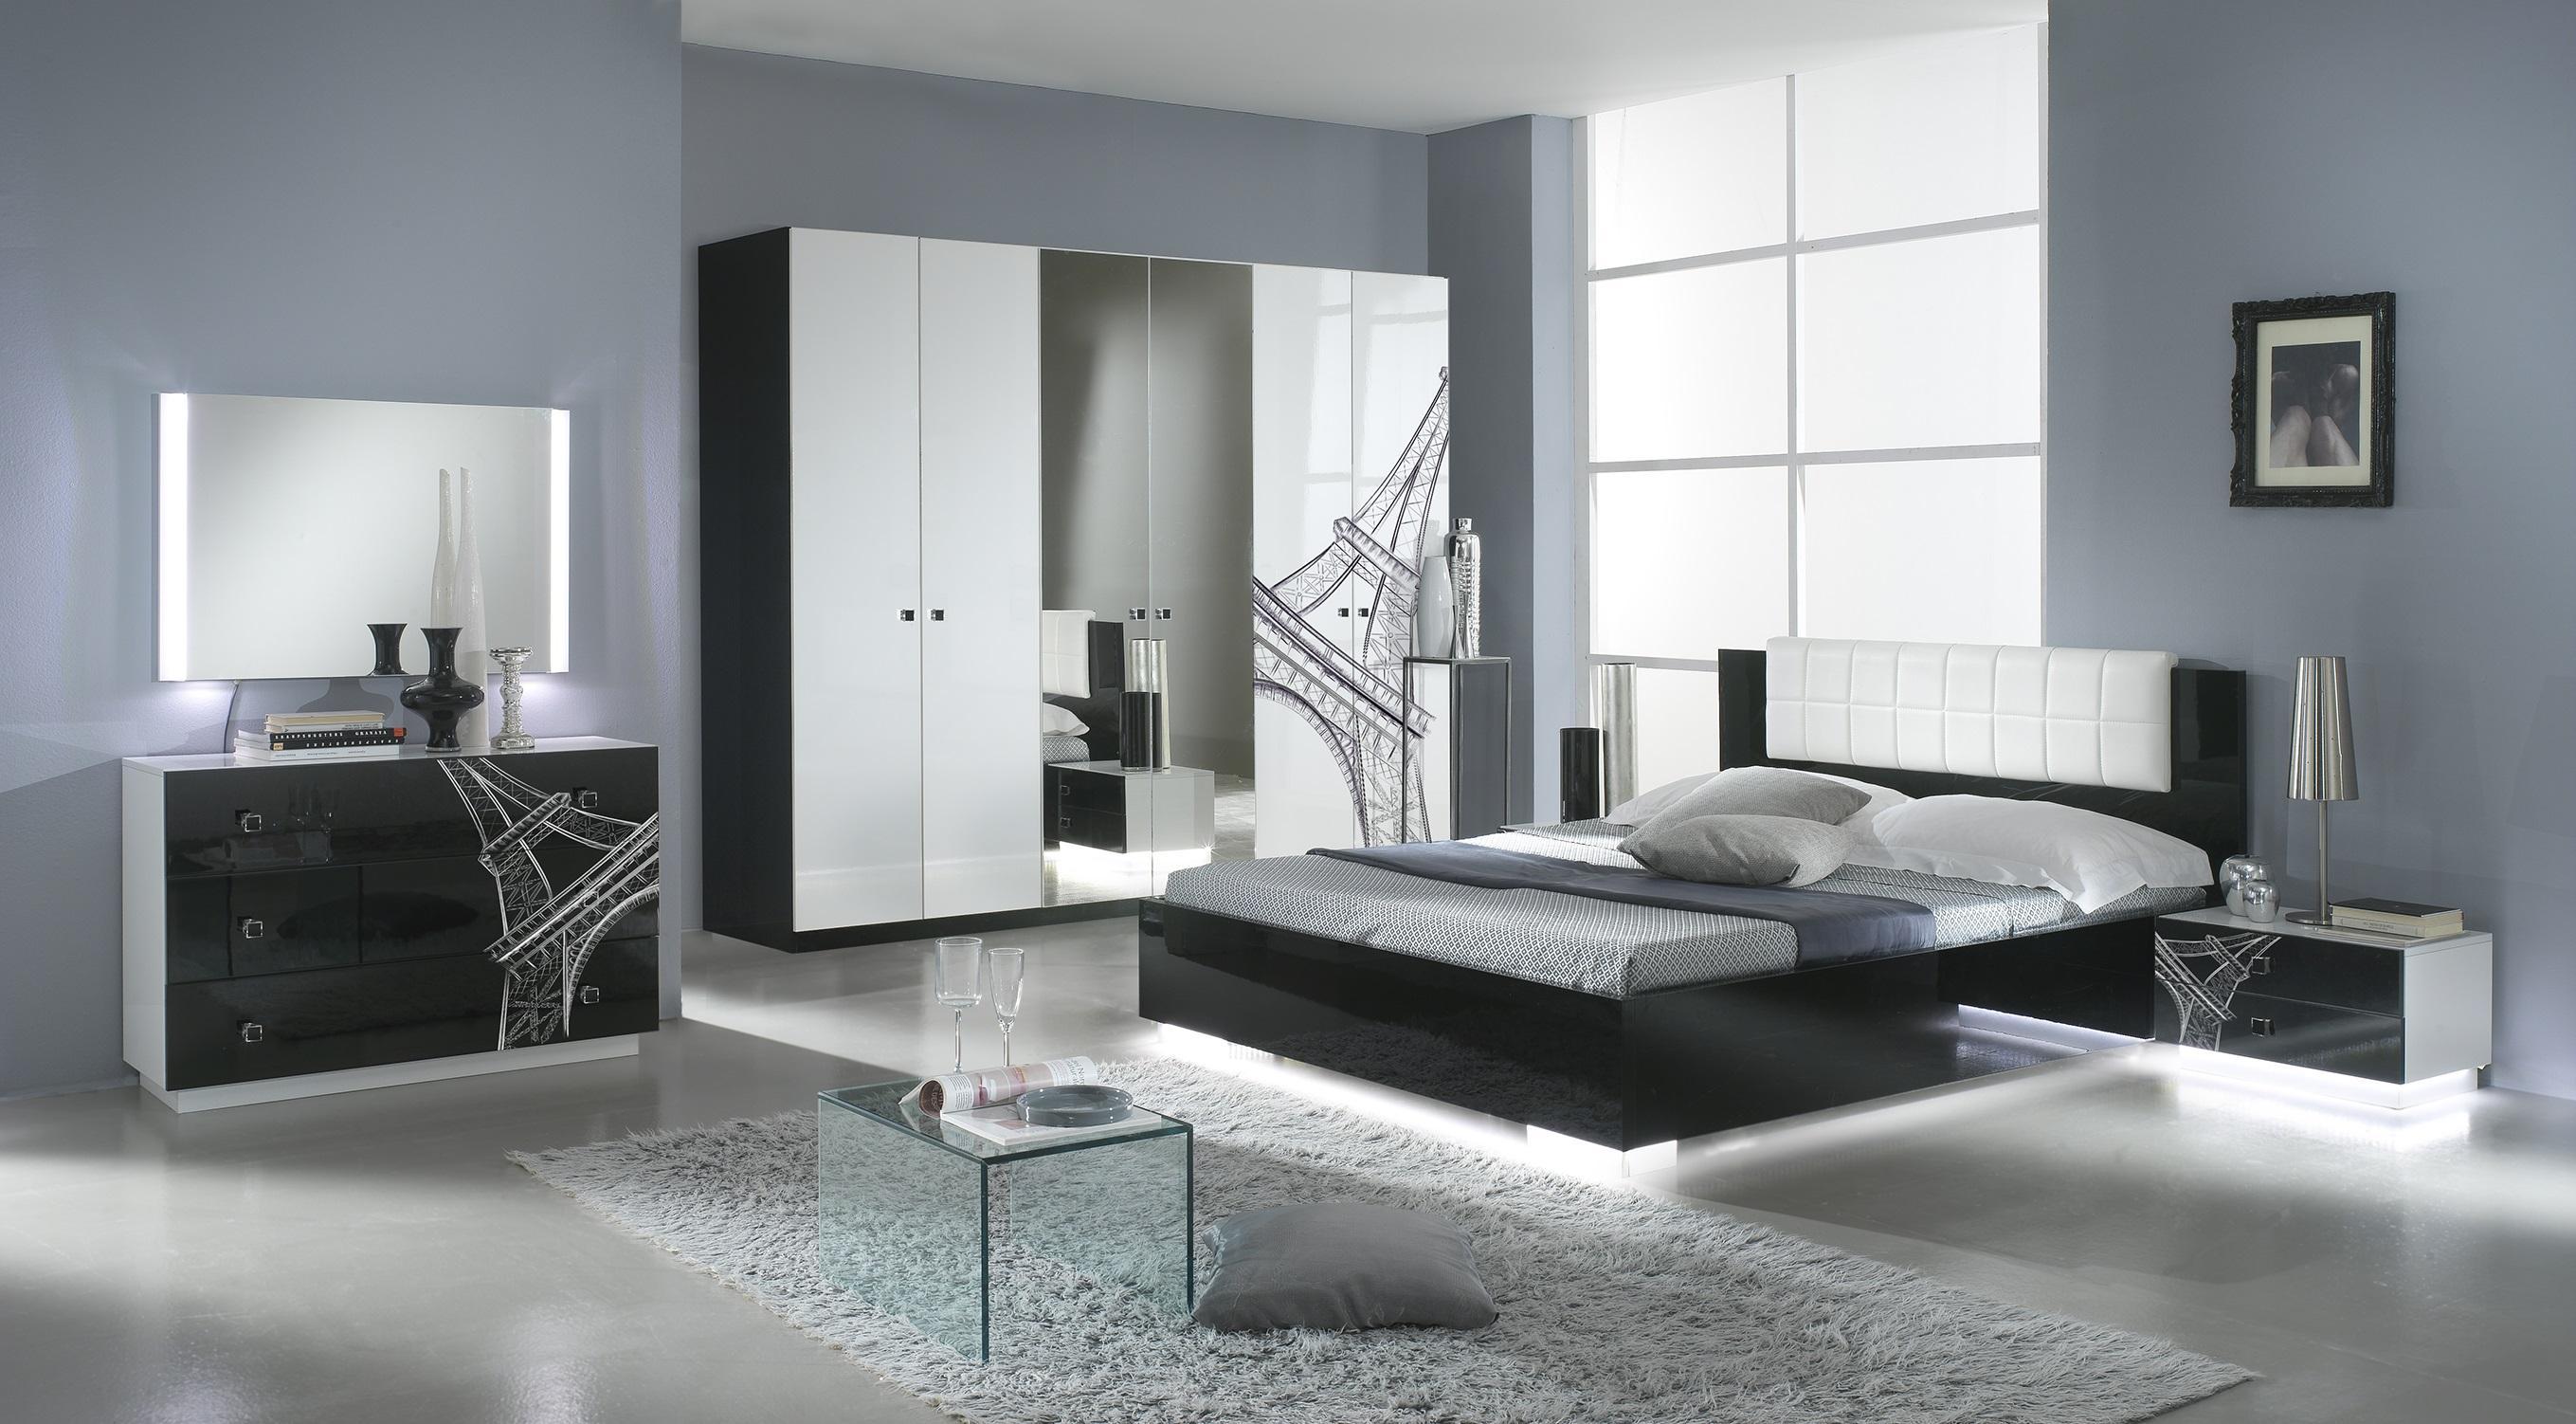 Bilder Schwarz Weiß Schlafzimmer